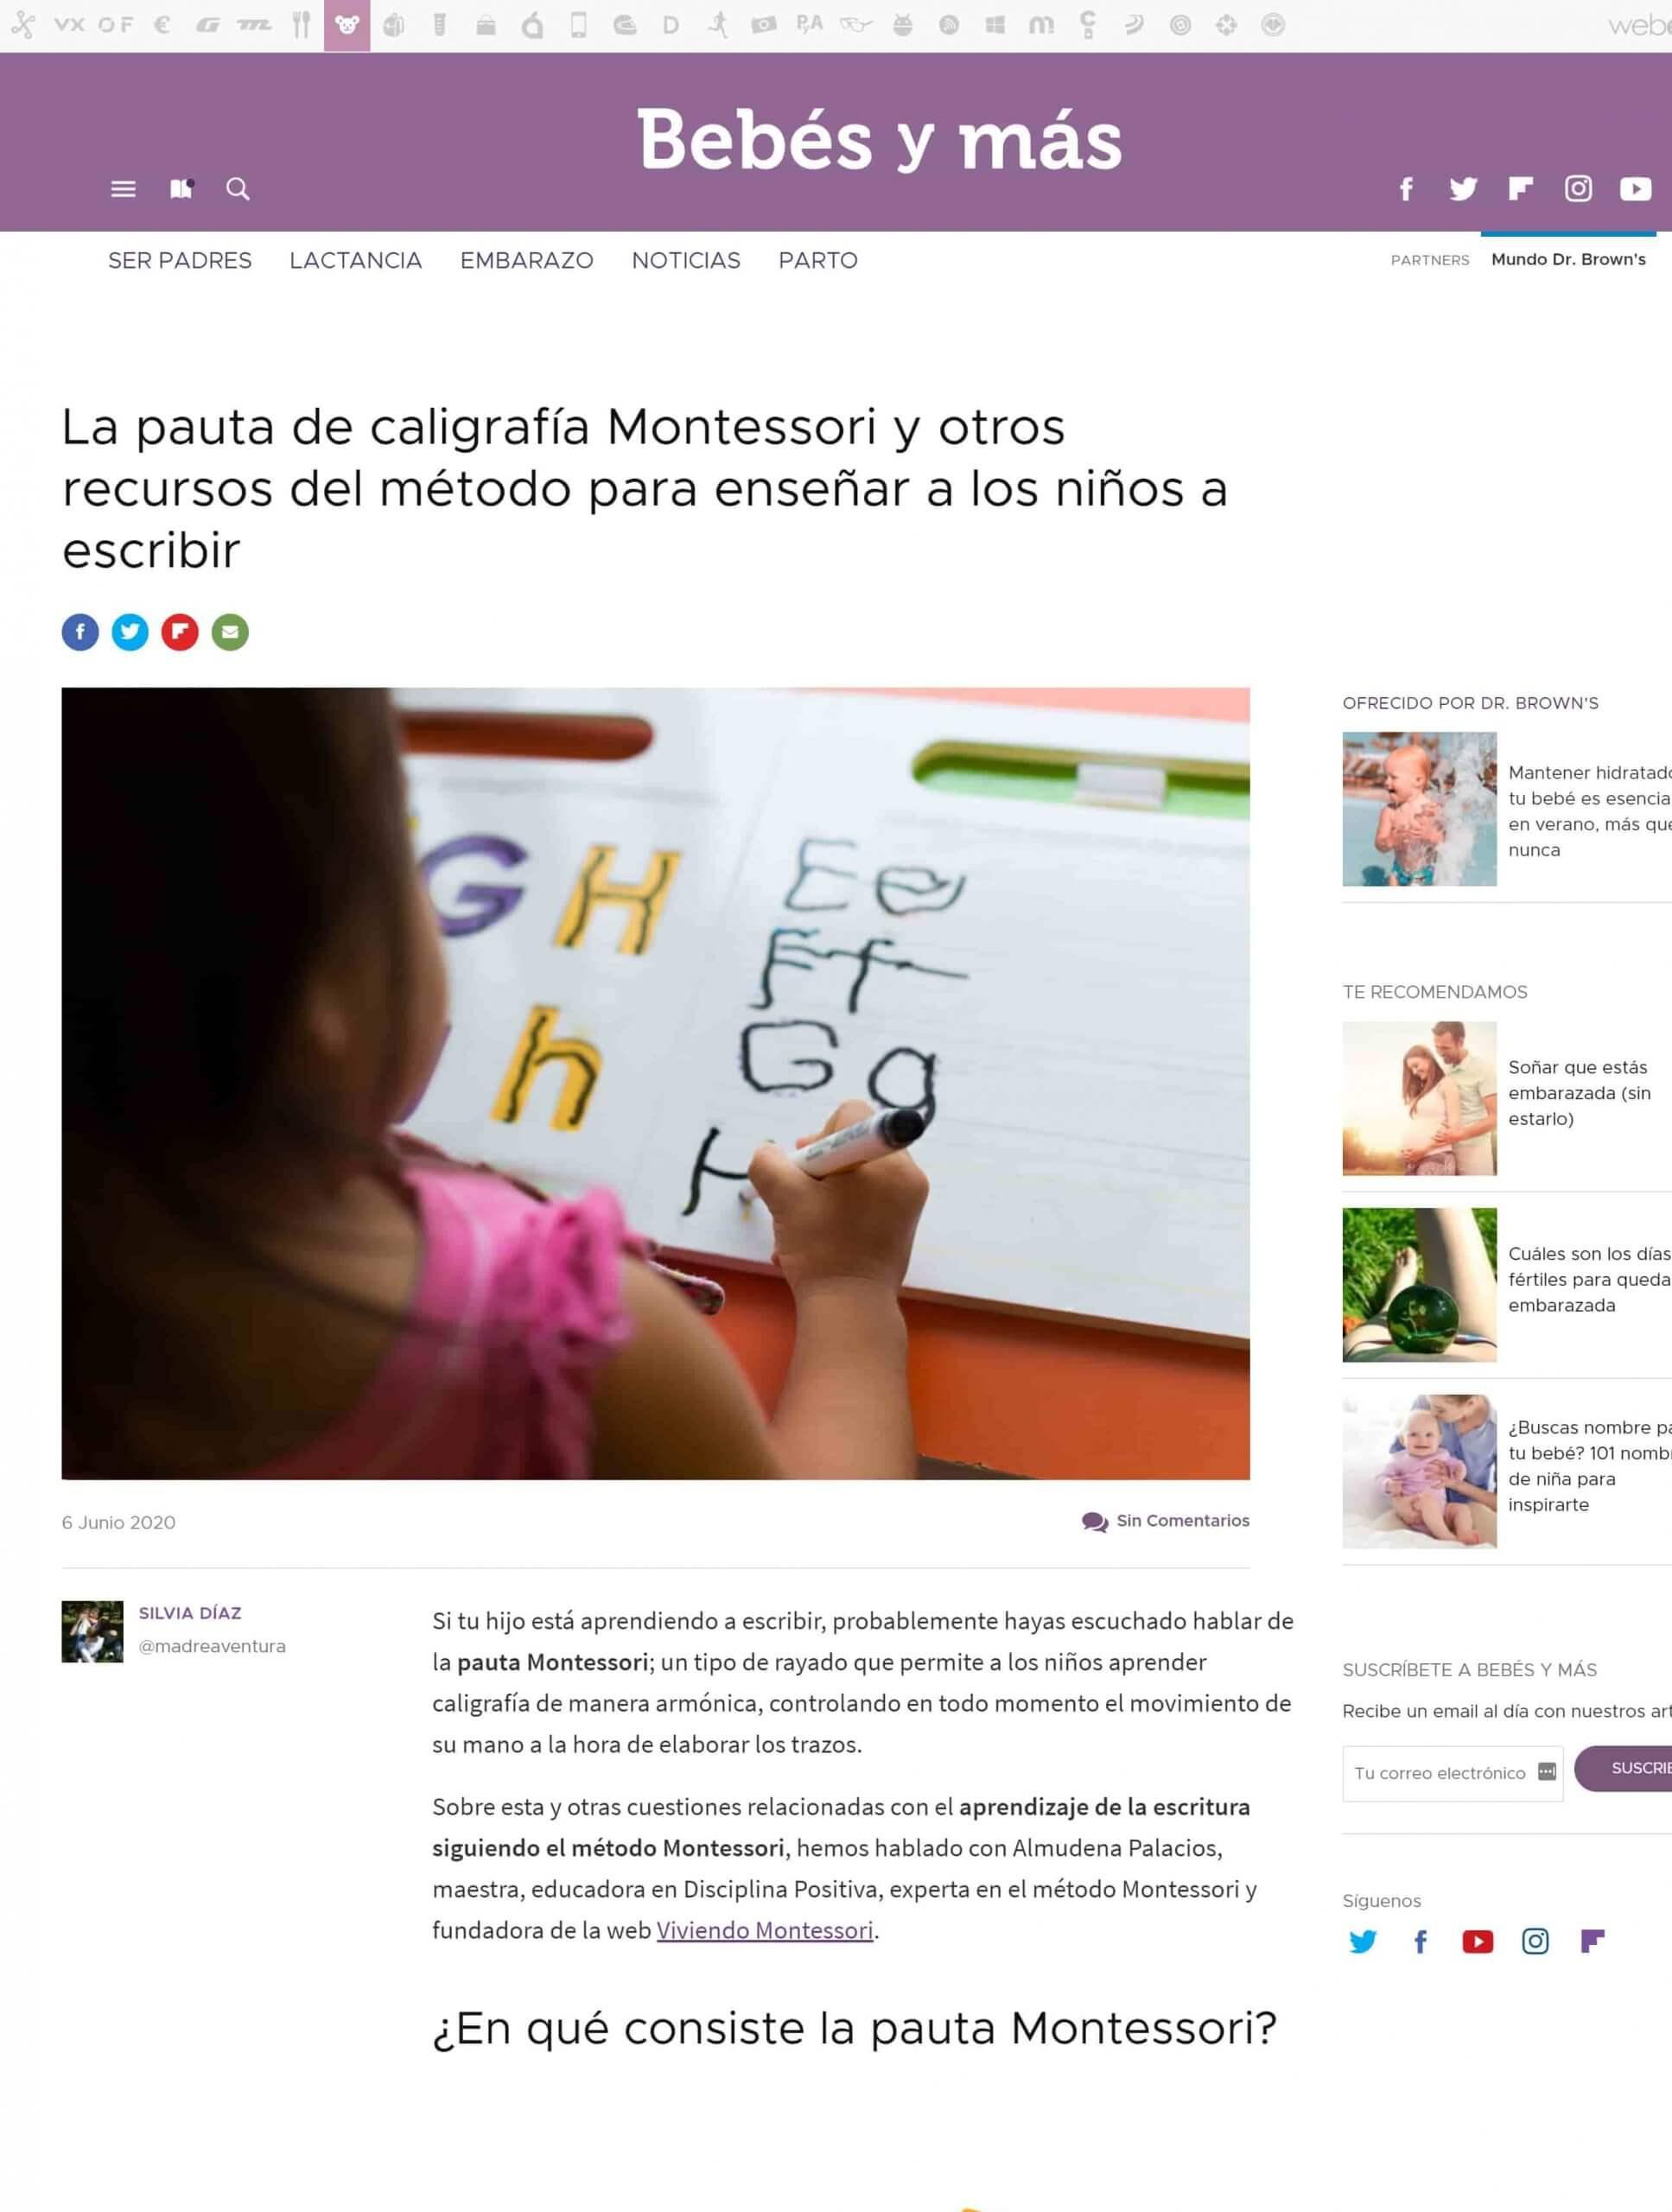 La pauta de caligrafía Montessori Almudena Palacios - Bebes y mas